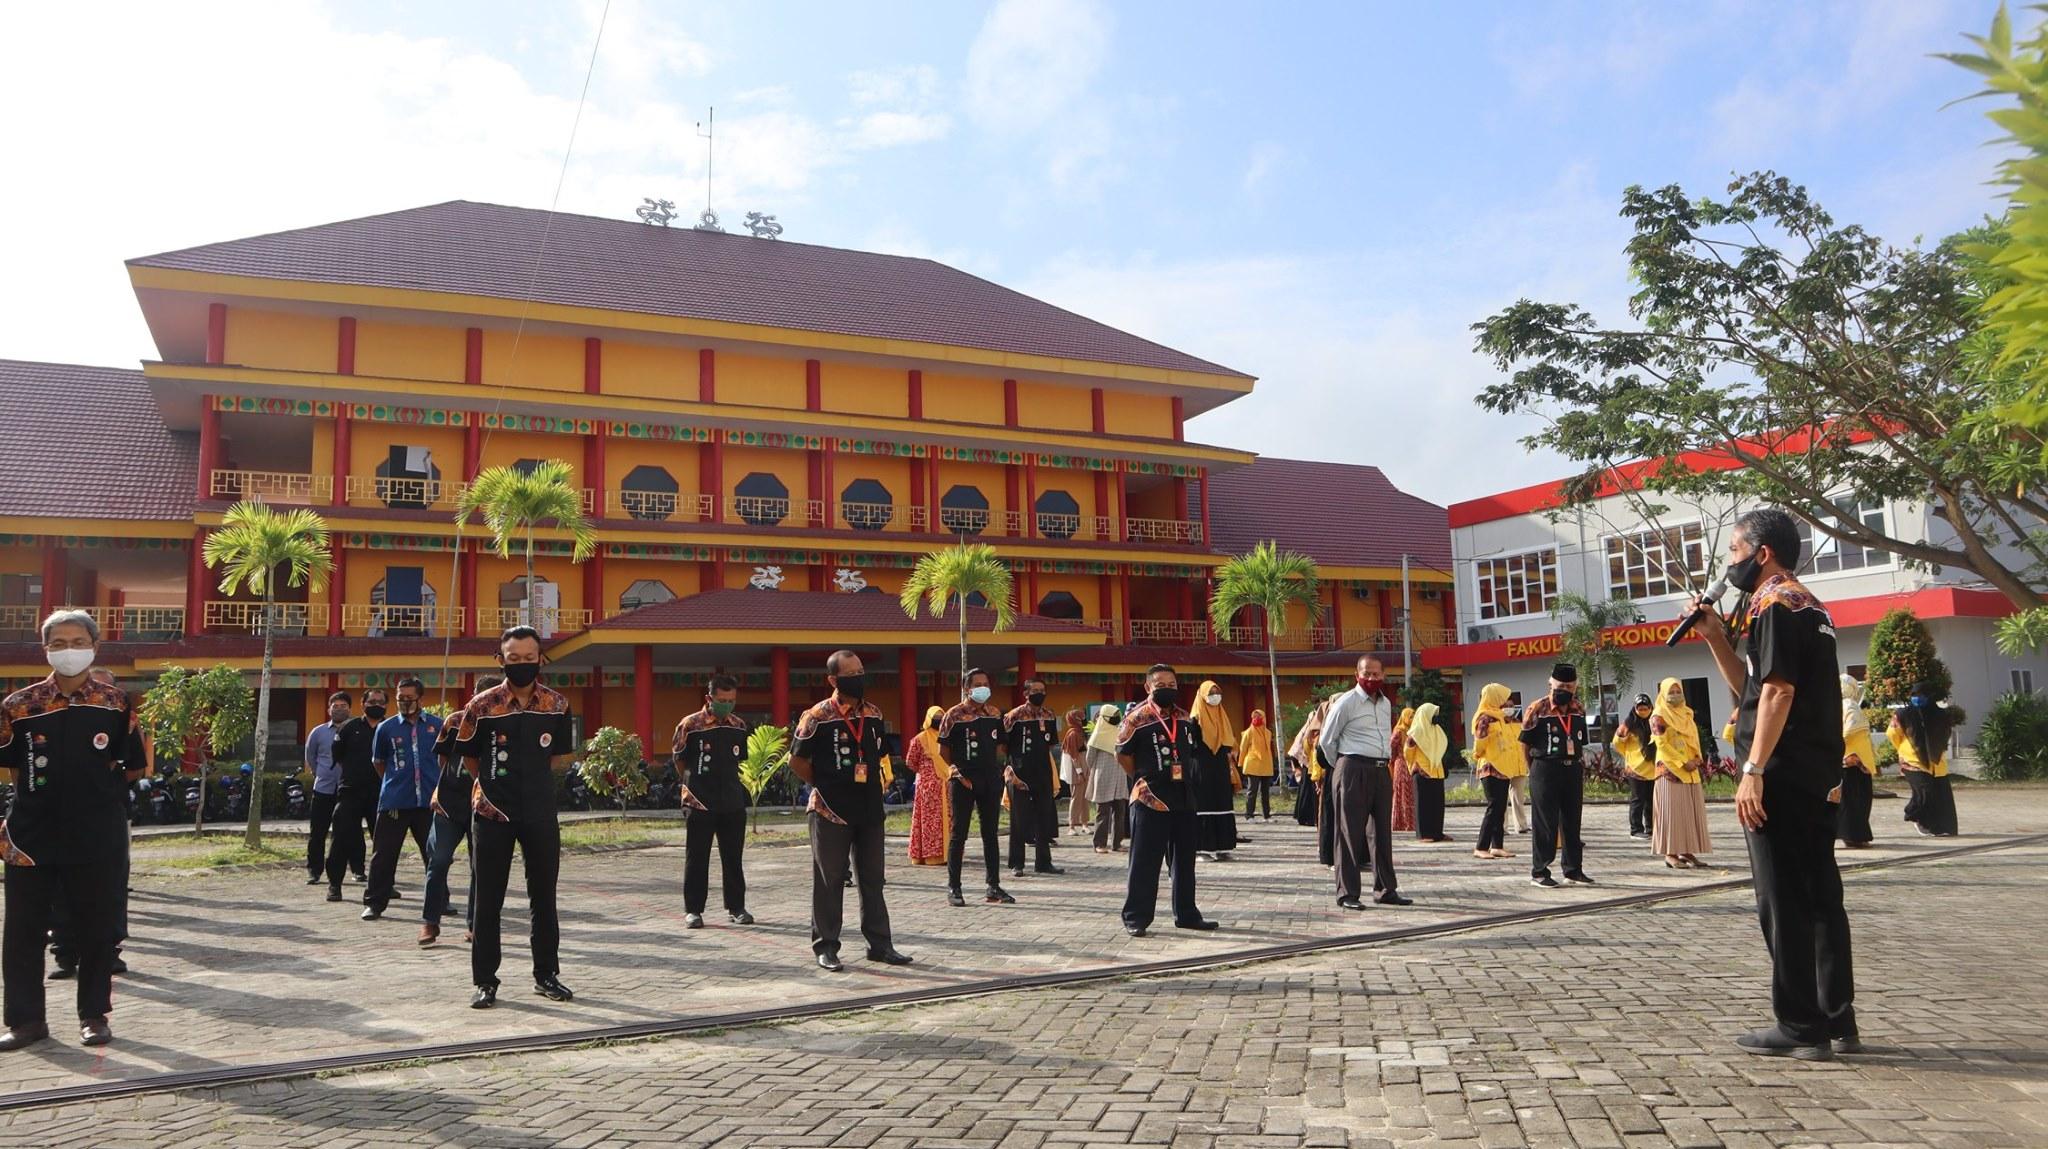 Rektor Universitas Mulia Dr Agung Sakti Pribadi SH MH saat memimpin apel pagi dengan selalu mengenakan masker. Foto: Biro Media Kreatif